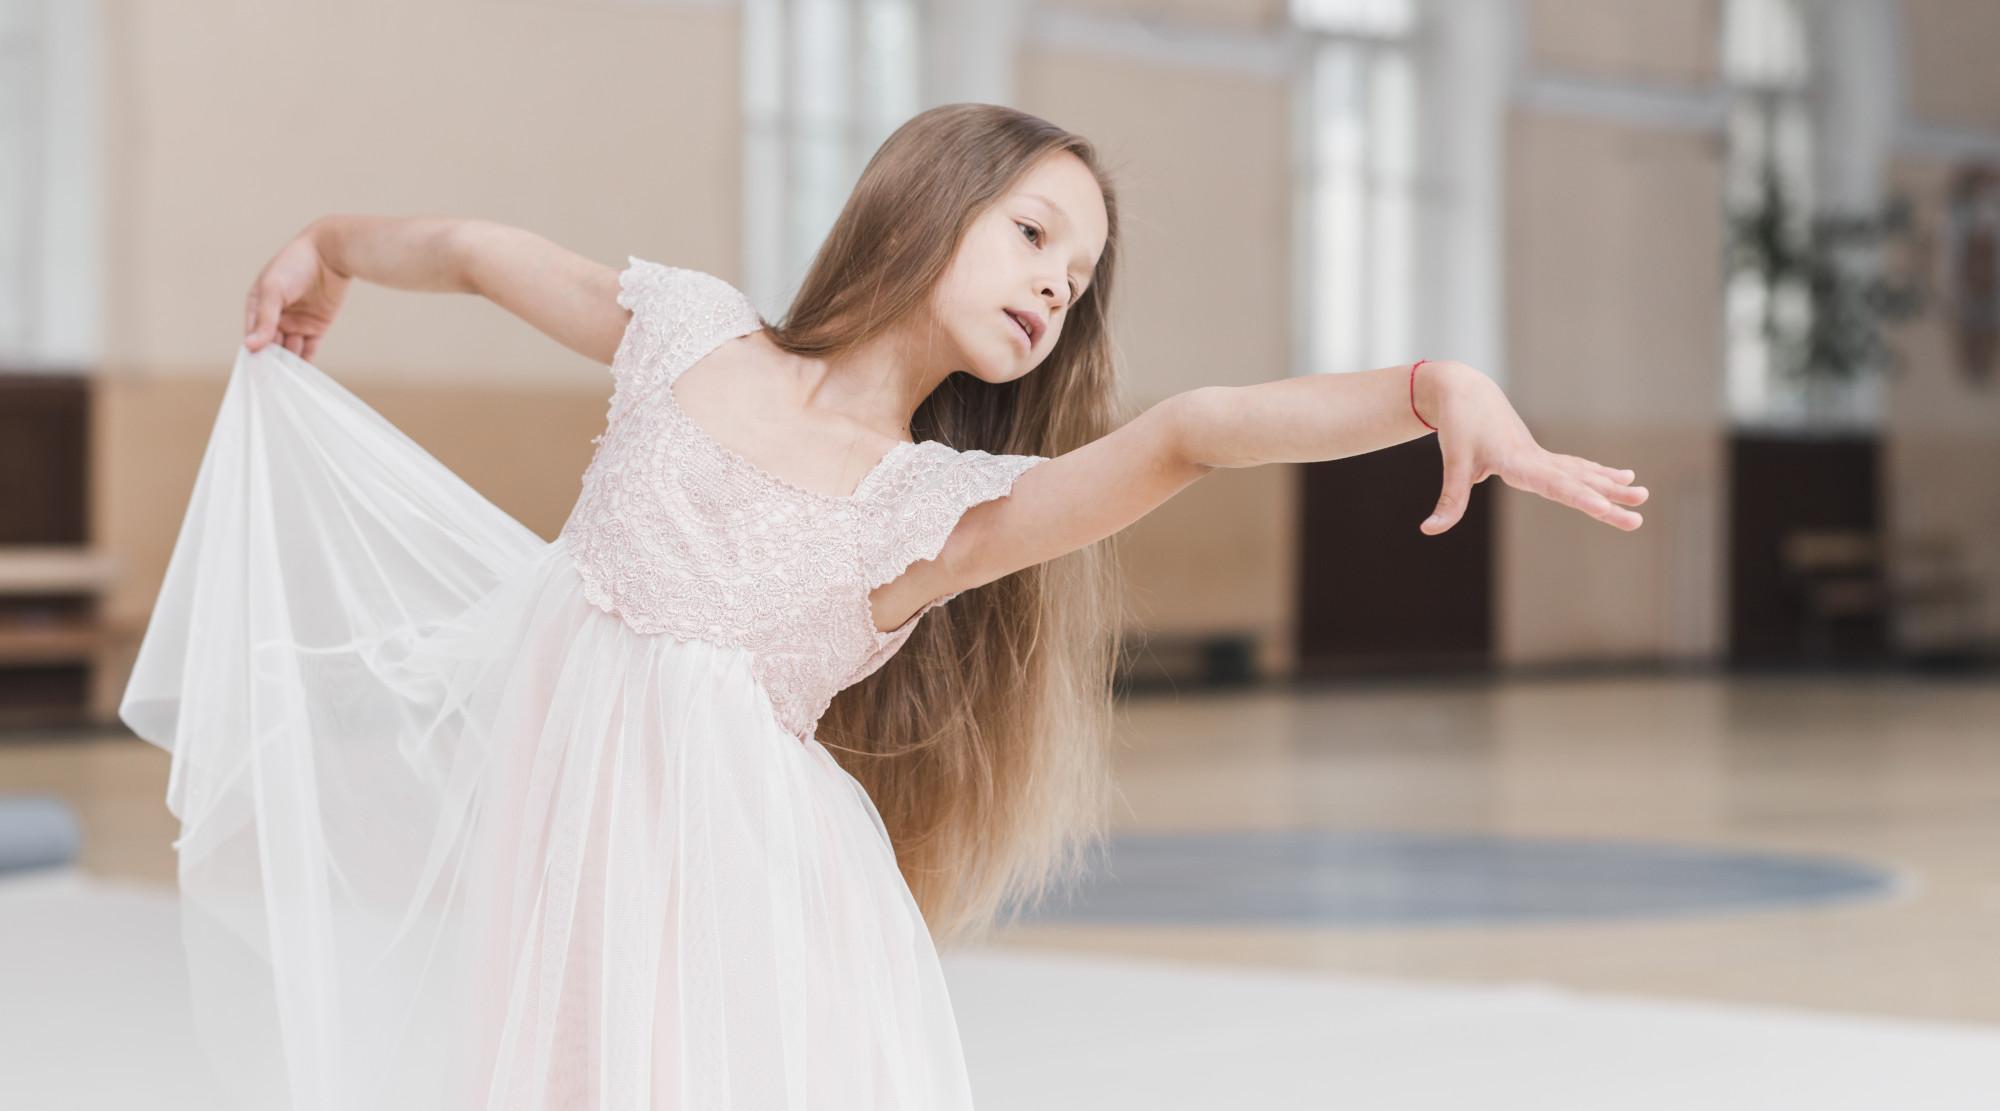 cursuri dansuri copii